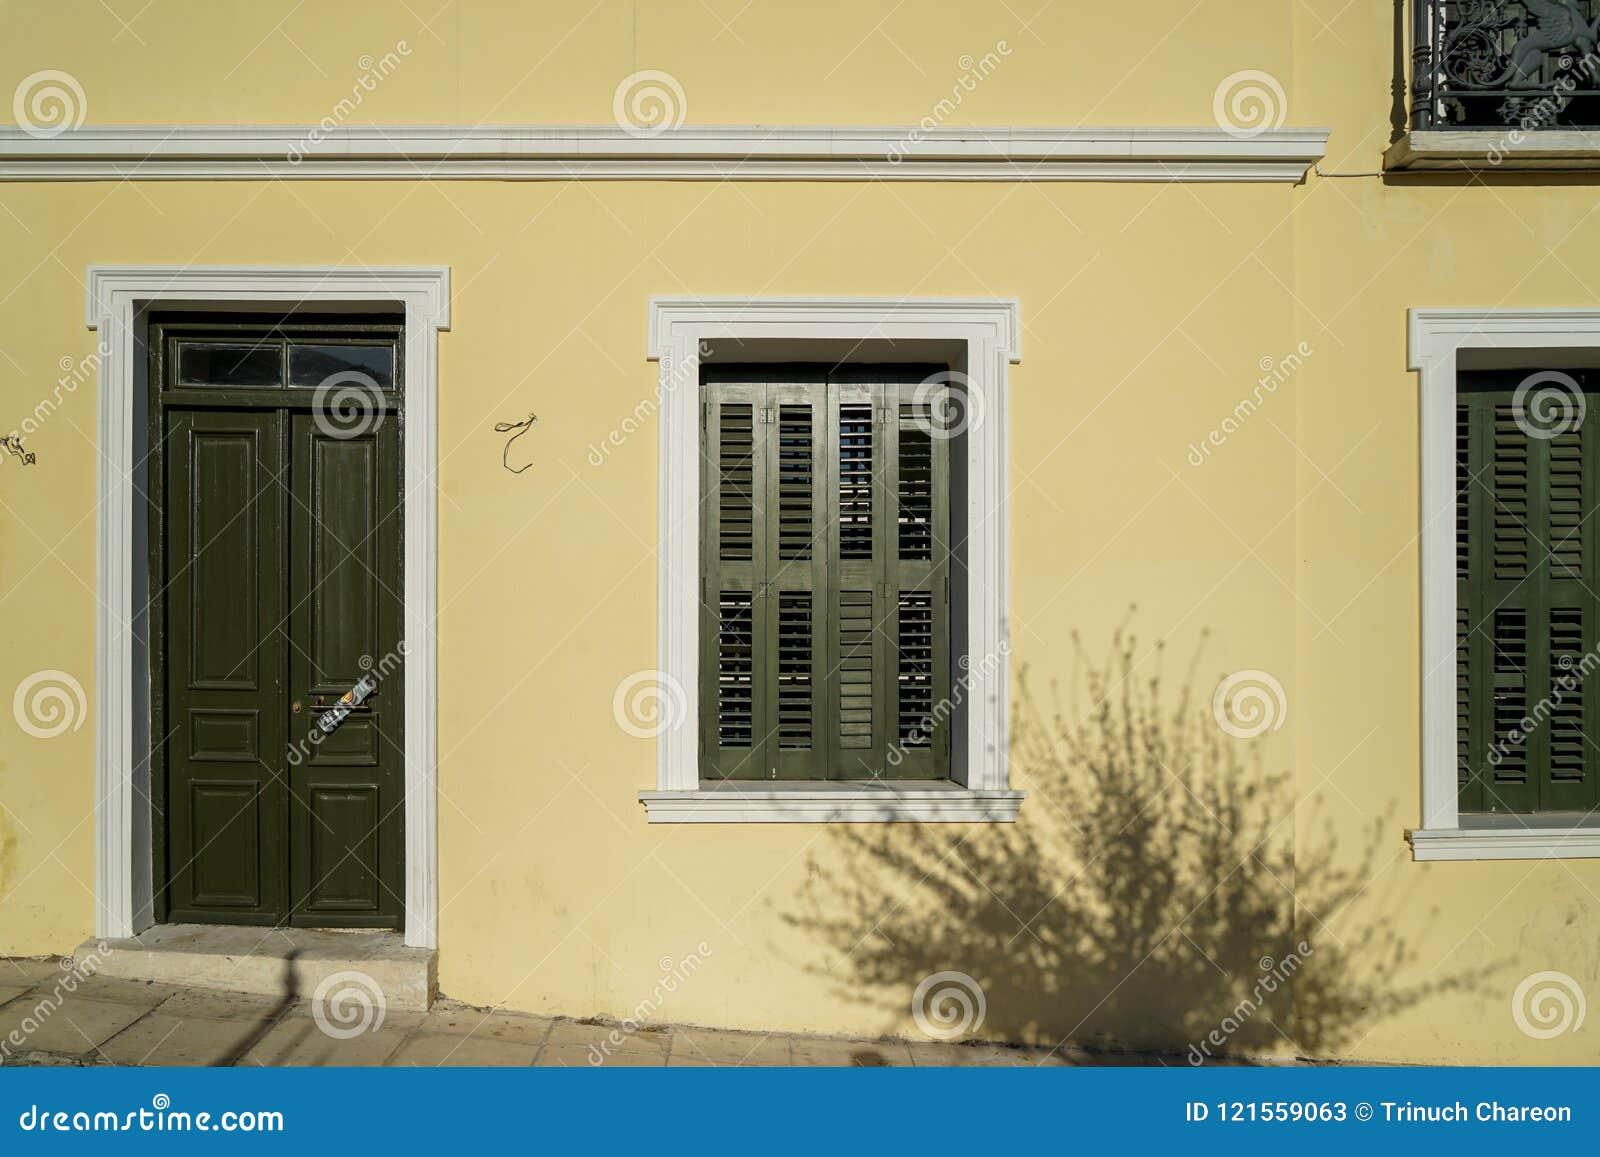 Scene De Beau Fond Urbain De Facade De Batiment Dans Le Mur Jaune